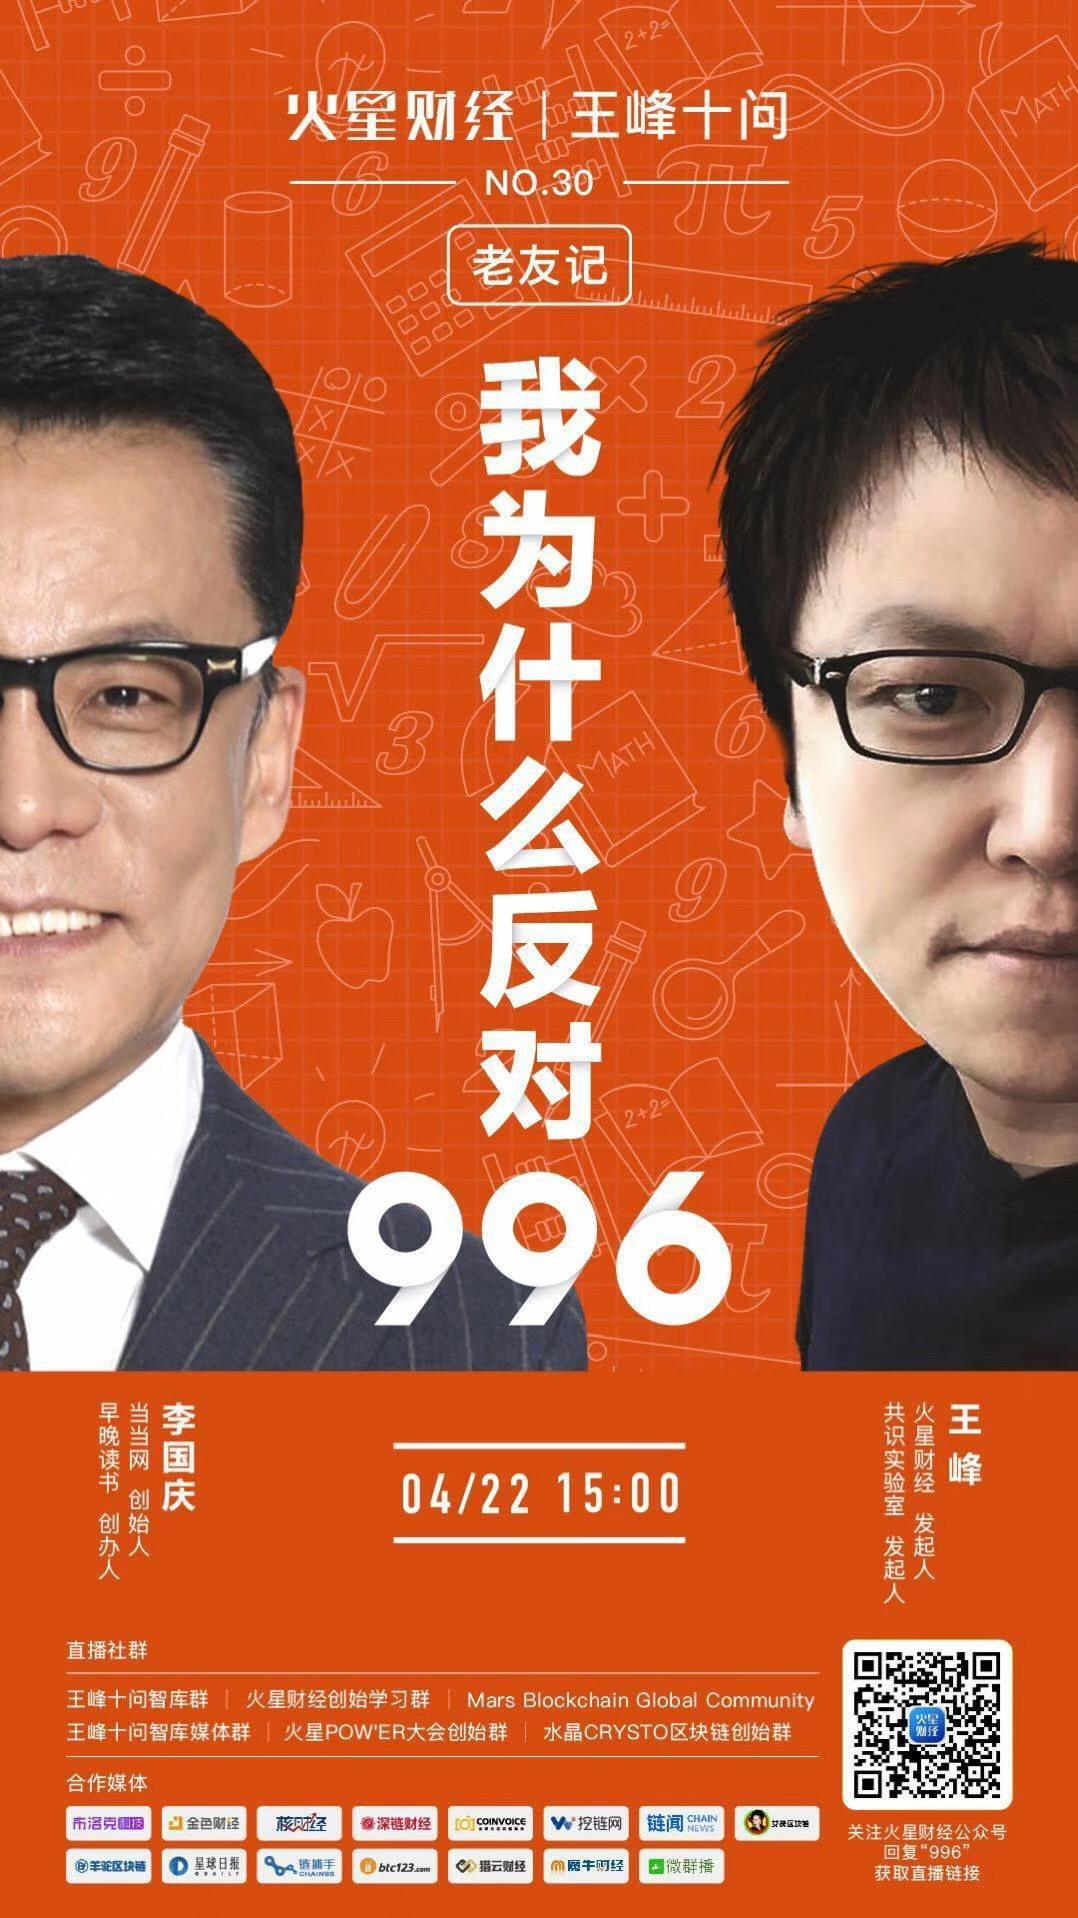 李国庆做客王峰十问:我发表的公开批评对事不对人